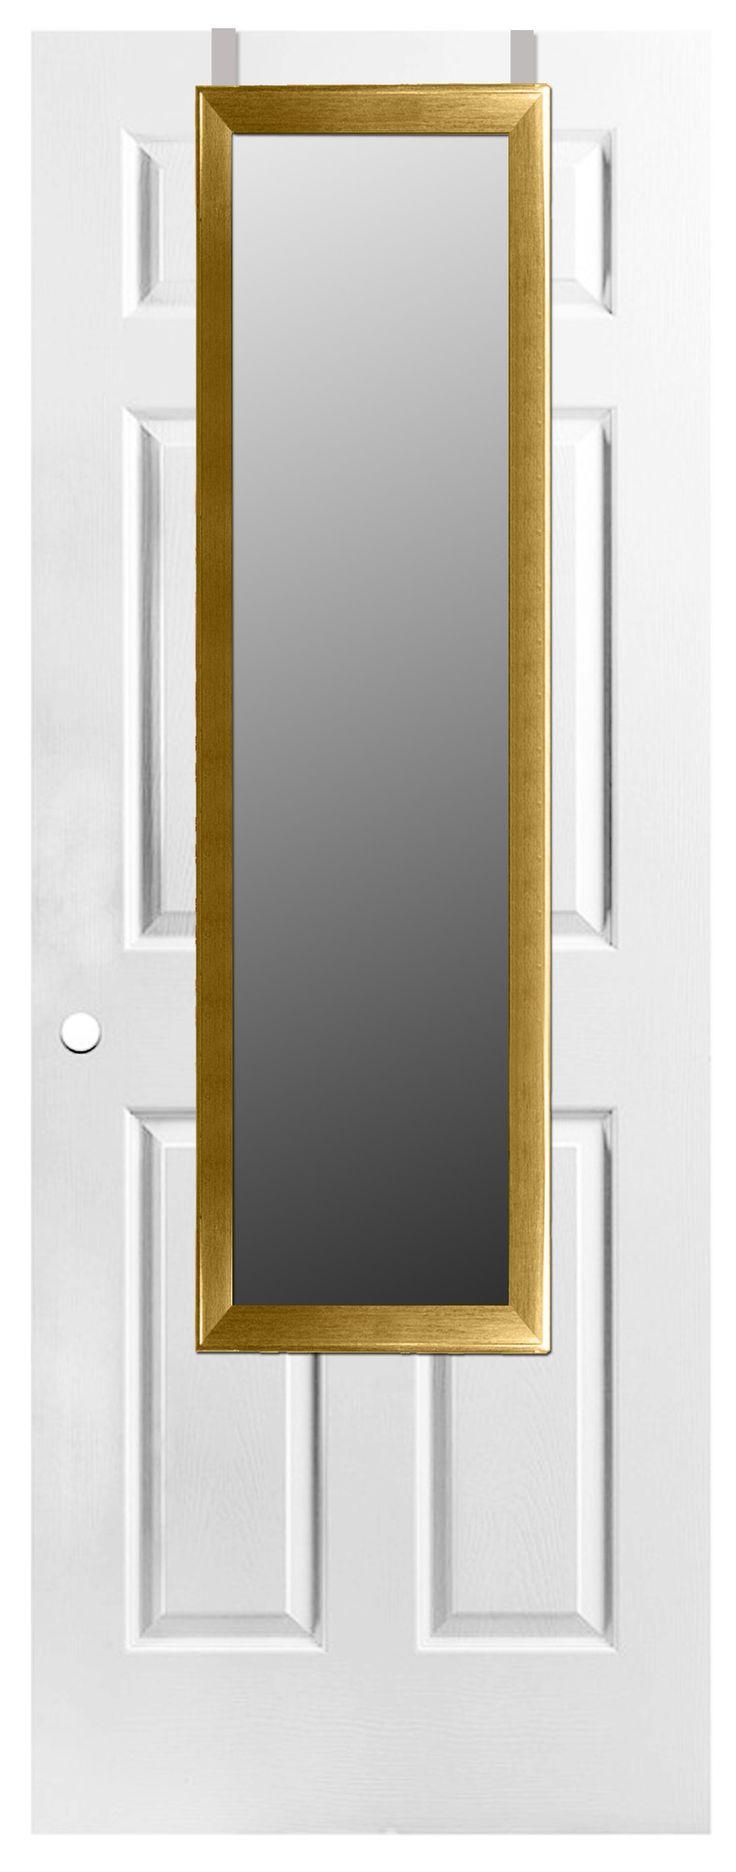 Over The Door Mirrors Best 25 Over The Door Mirror Ideas On Pinterest Hanging Makeup